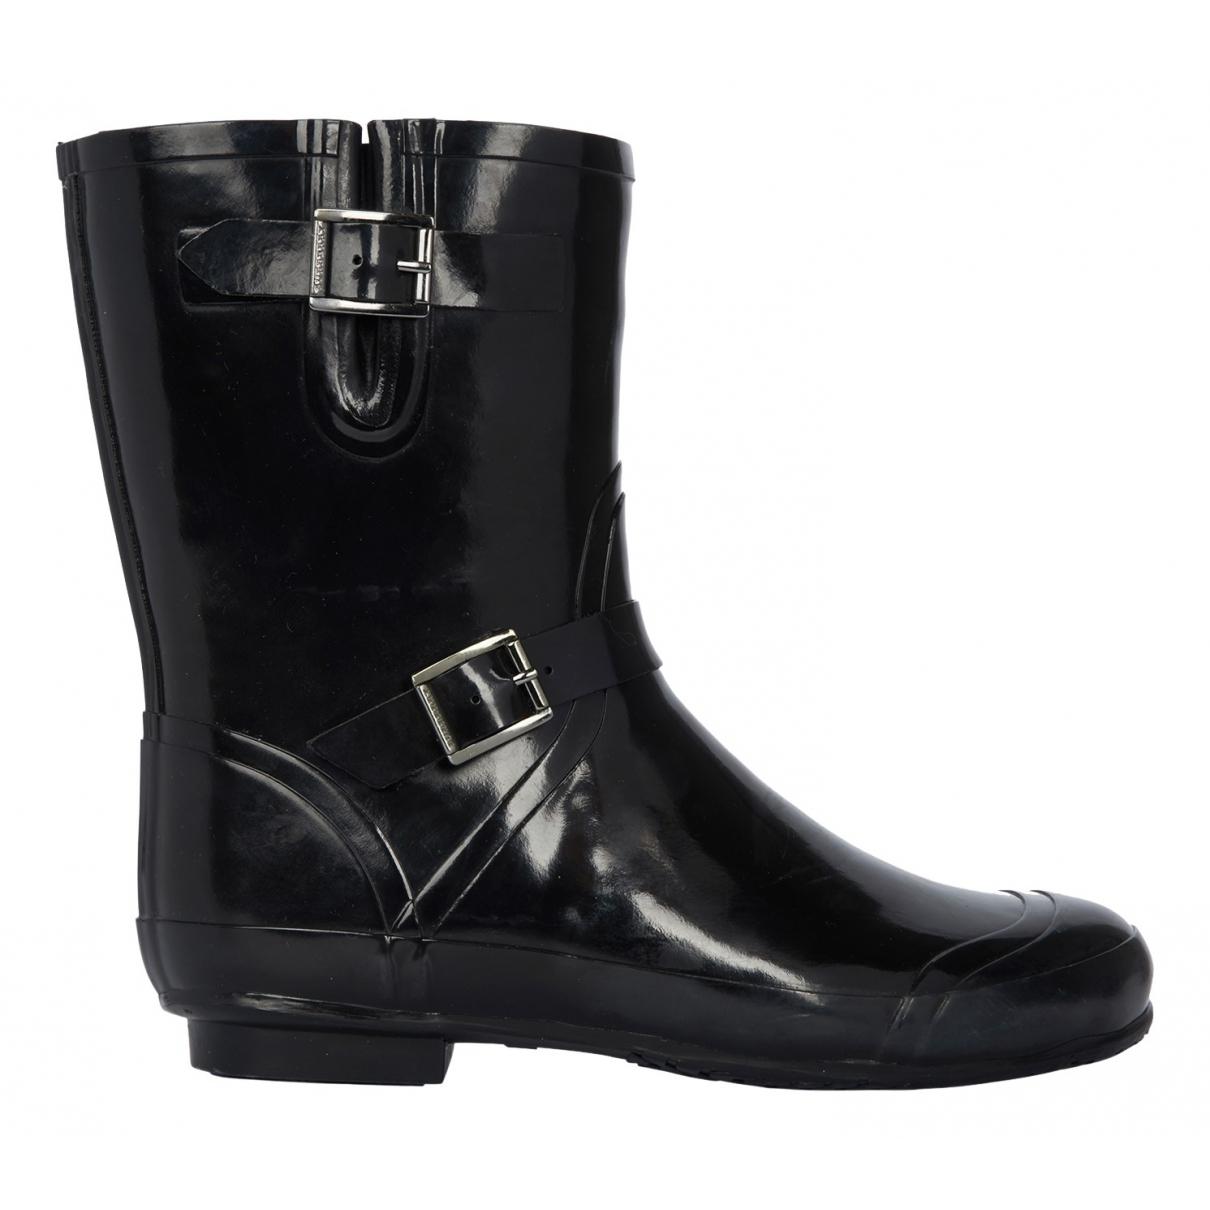 Burberry - Boots   pour femme en caoutchouc - noir